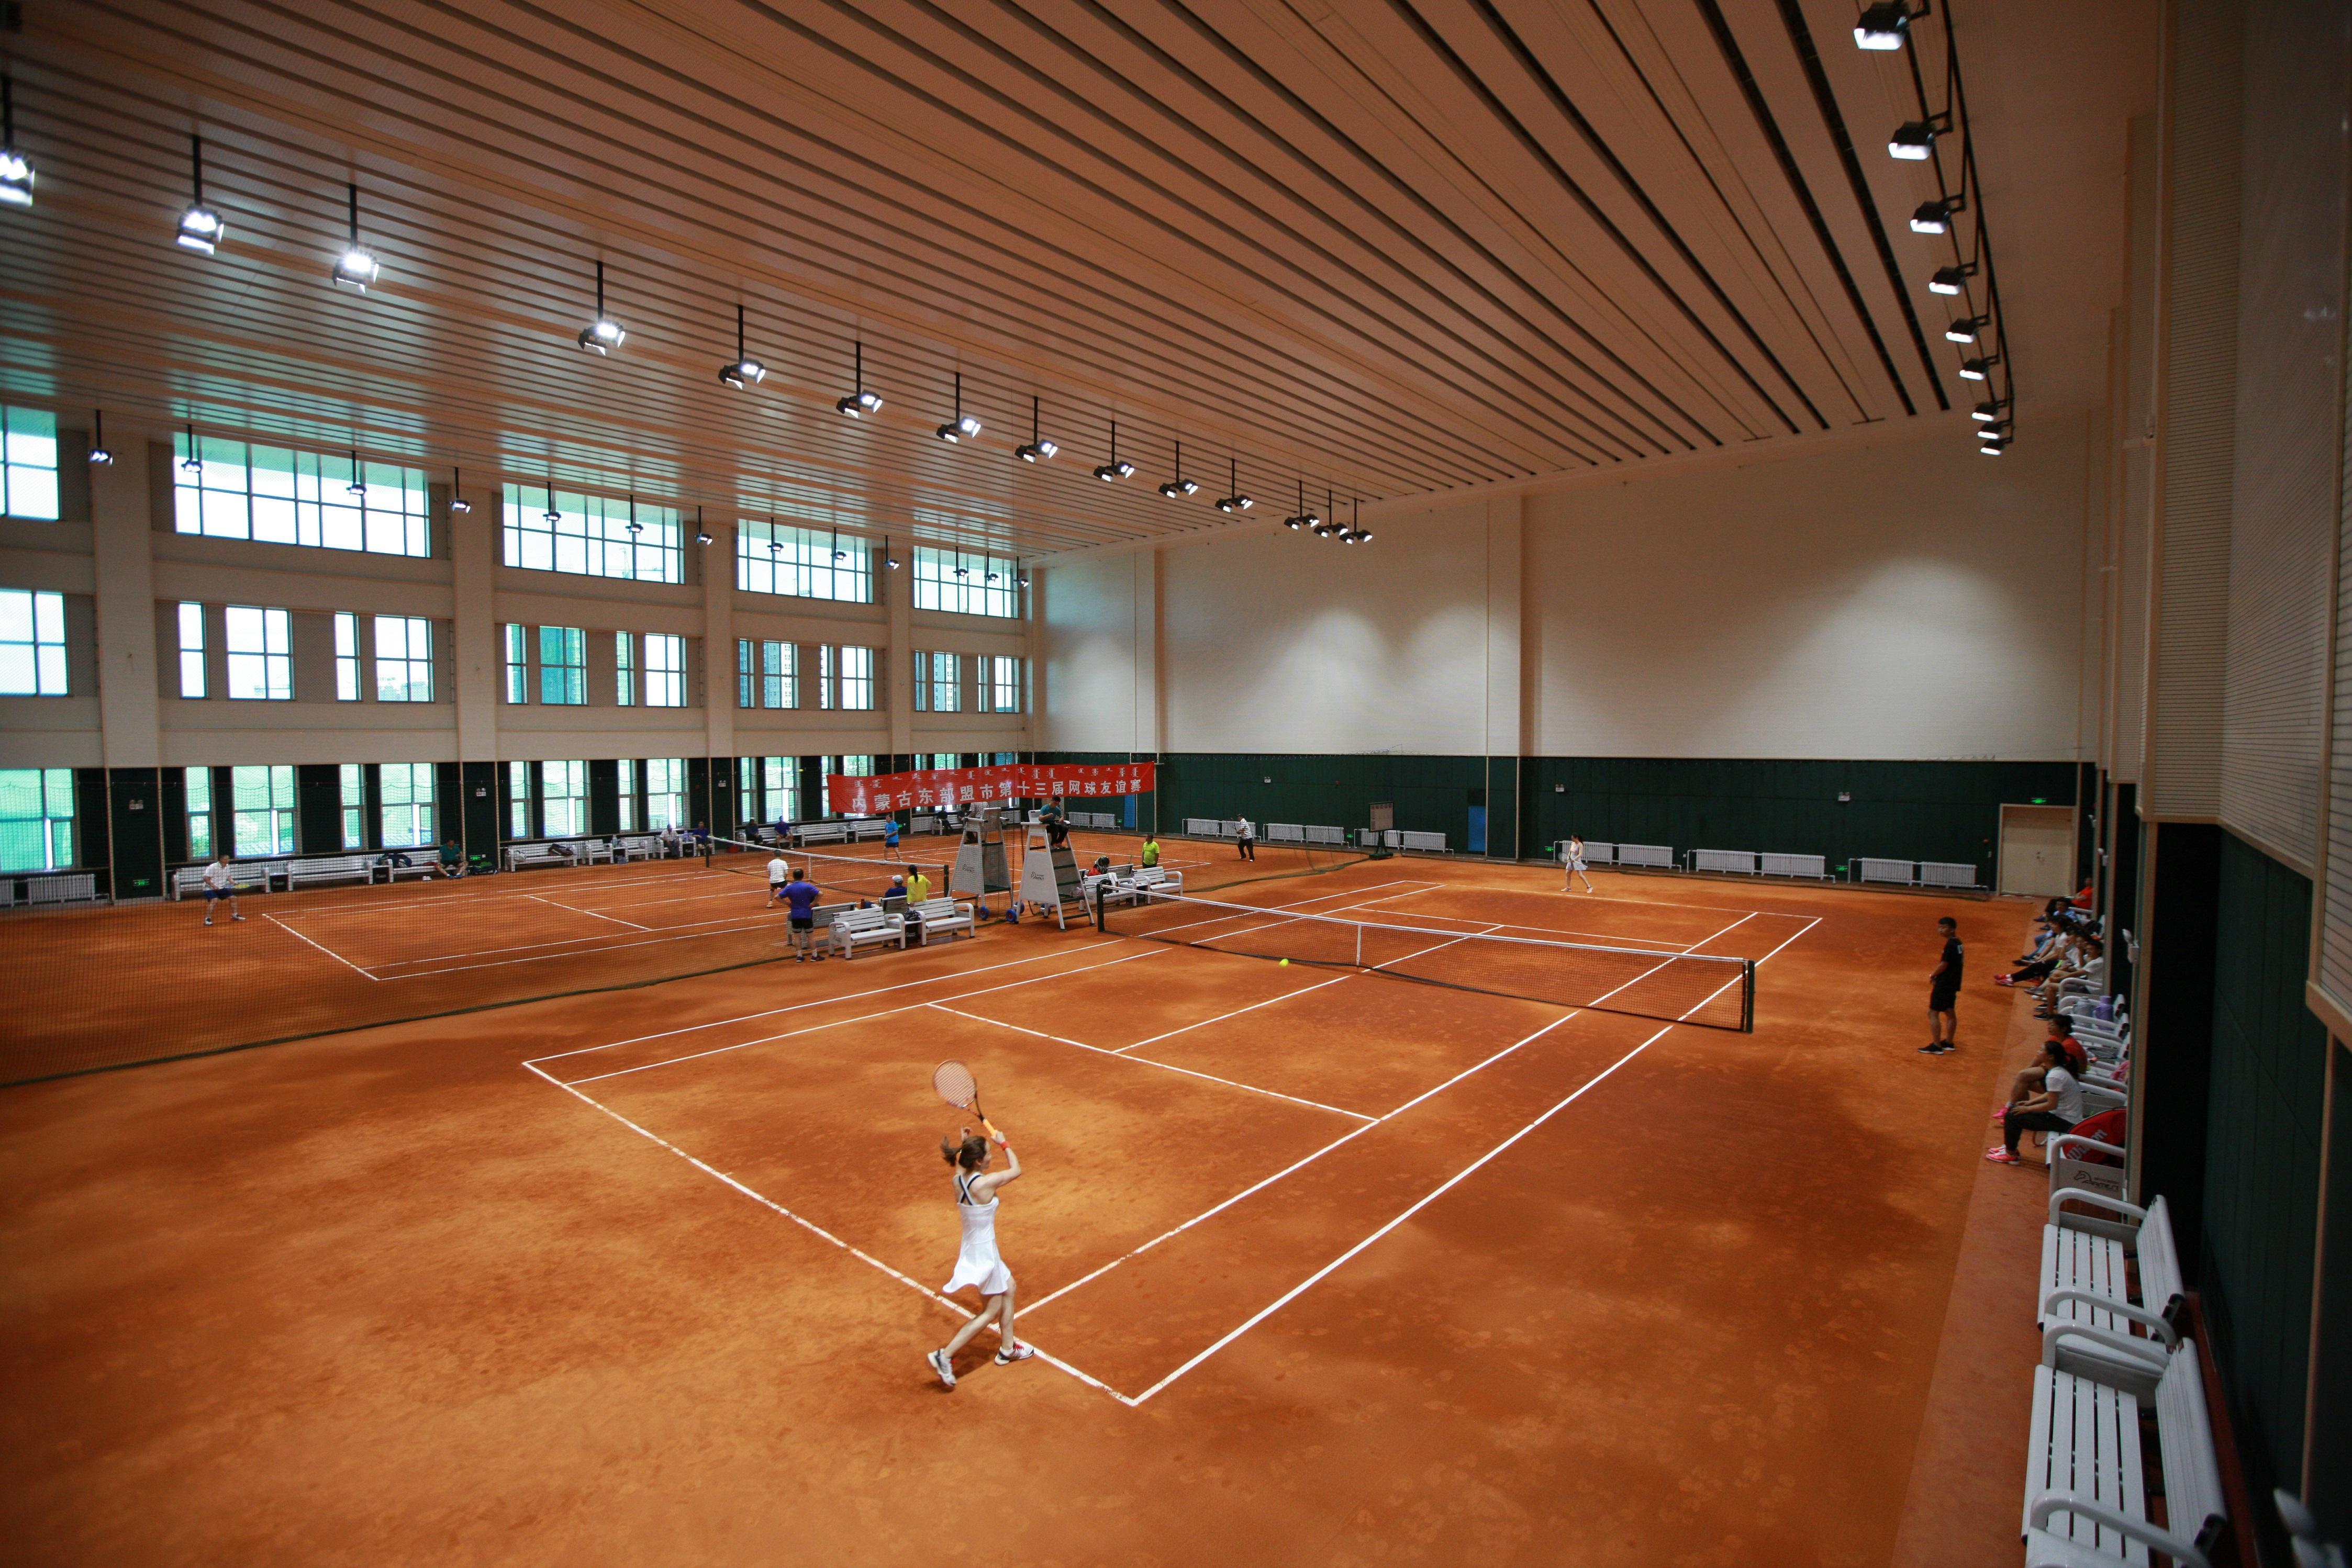 如何选择高性价比的网球场照明灯具?